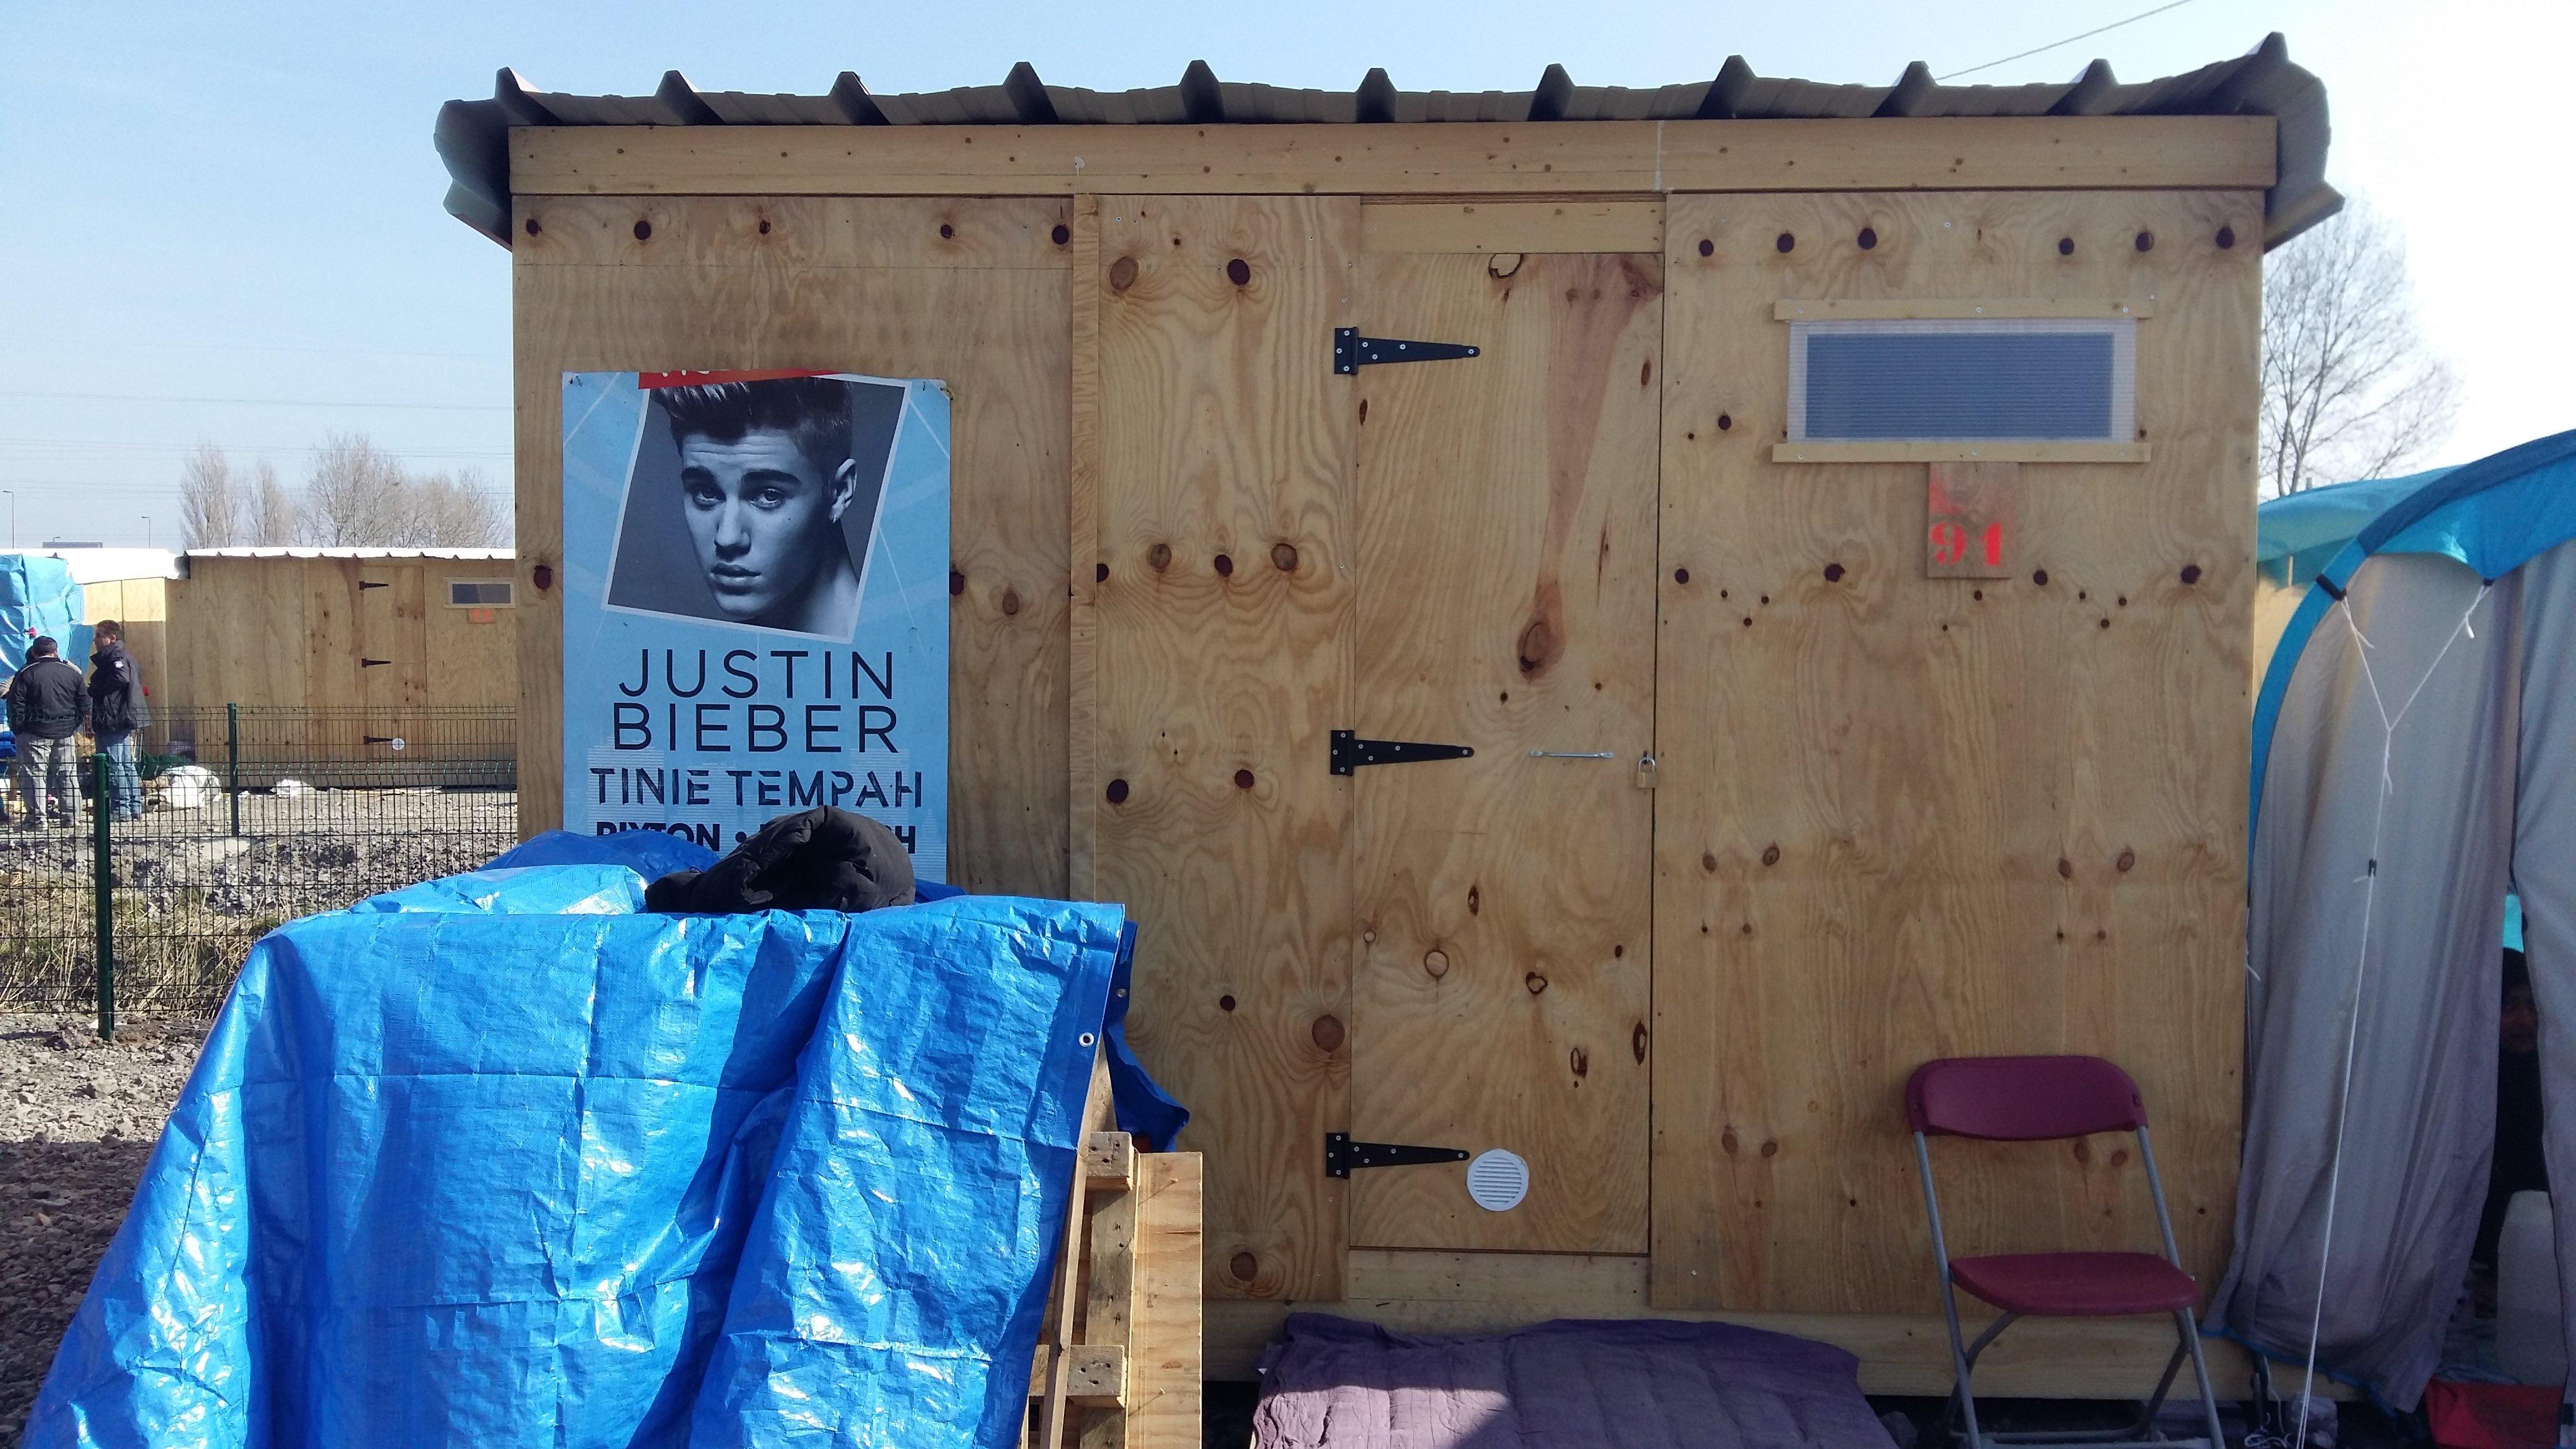 Justin aussi a quitté la boue pour le soleil,  avec son admirateur  qui  tient à rester secret.